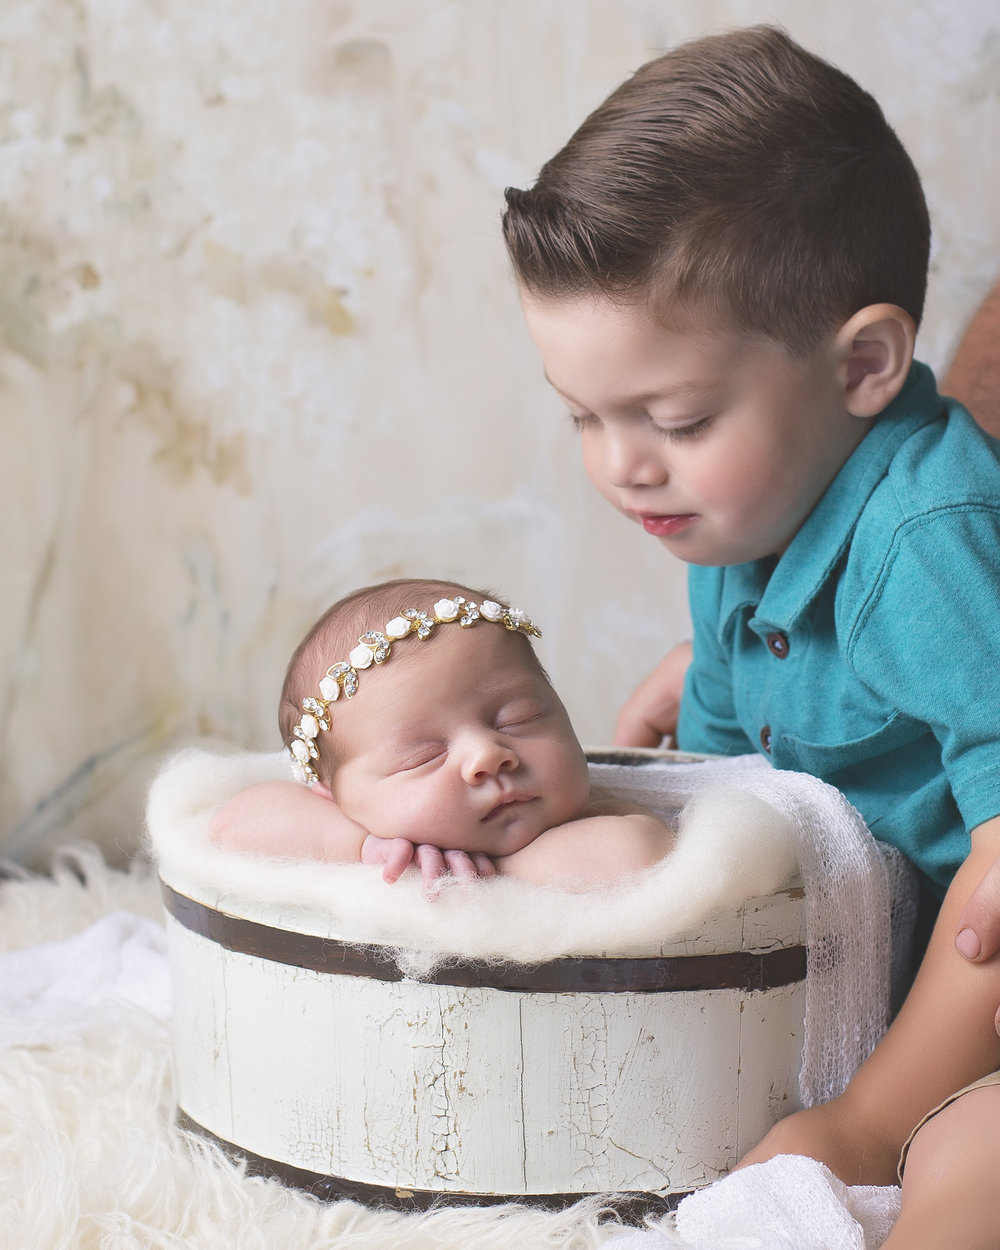 Sienna_Newborn-11.jpg